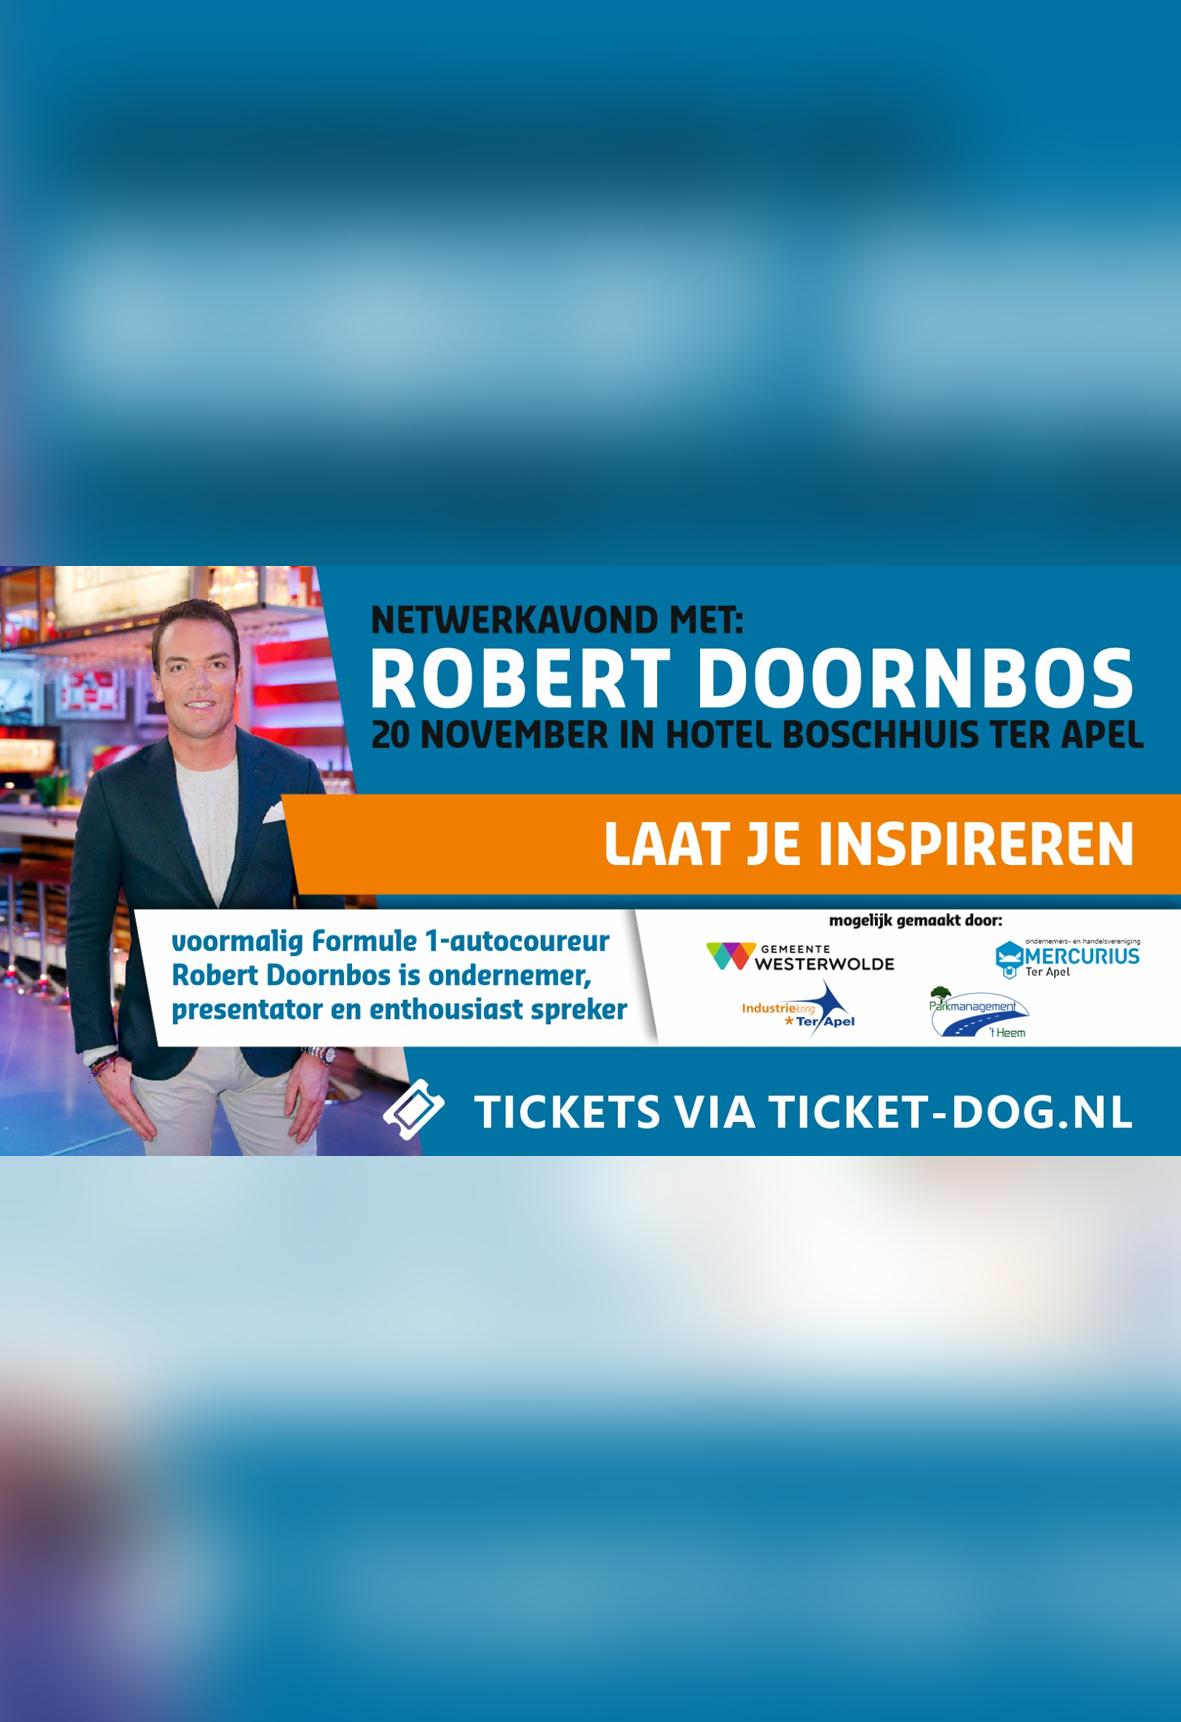 Netwerkavond met Robert Doornbos (VANAF 23-10-2019 BESCHIKBAAR)